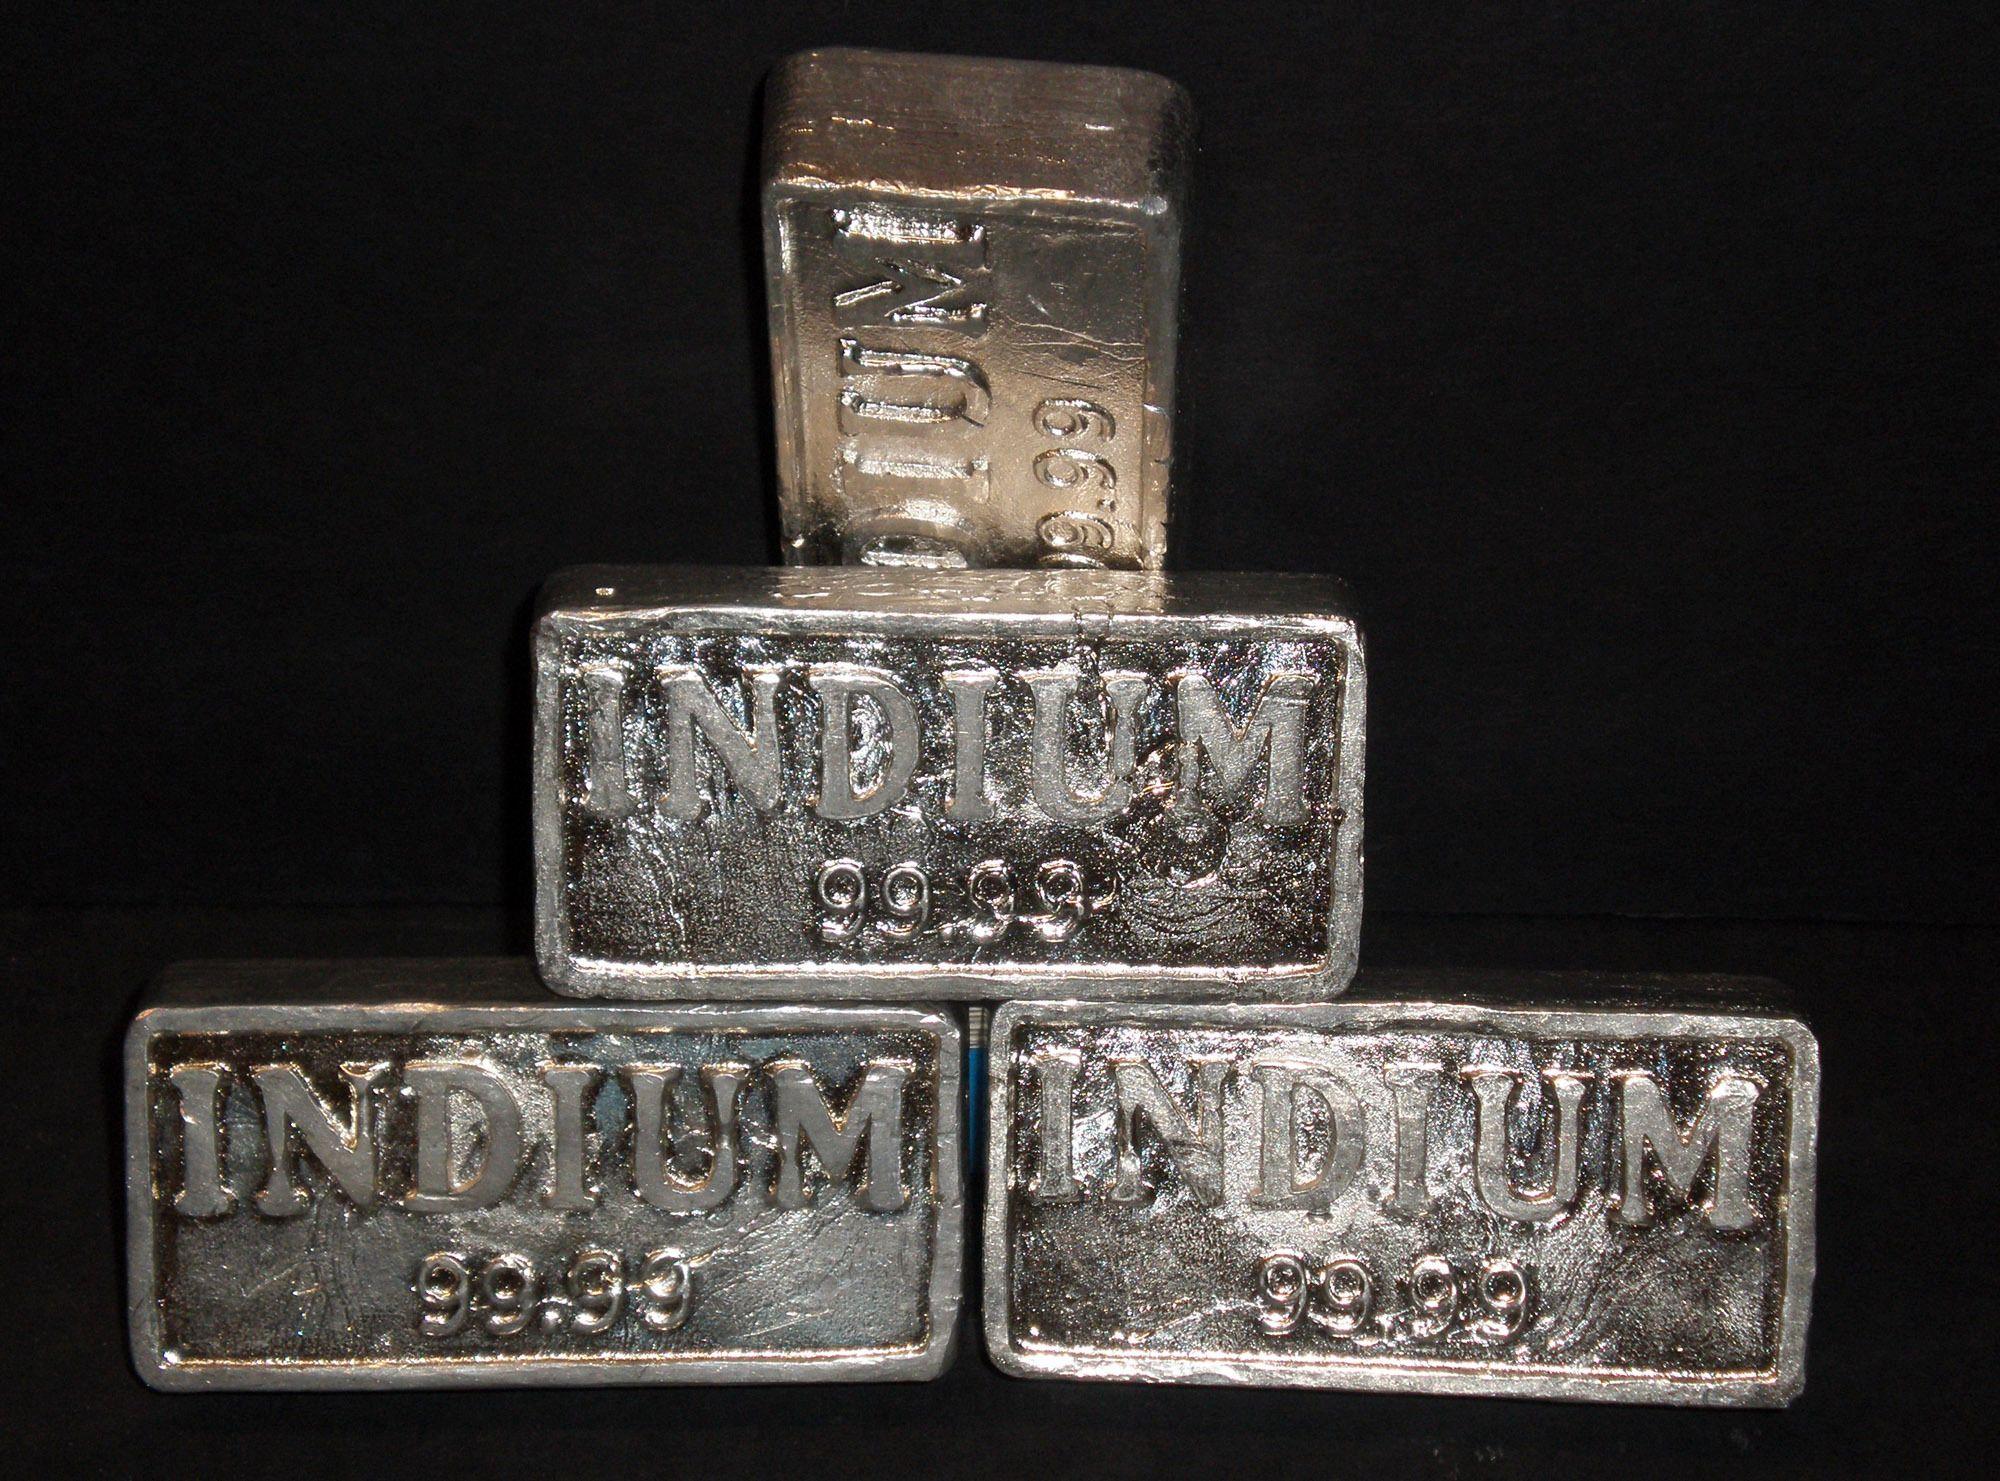 Indium er et av de sentrale byggematerialene i LCD-panelene. Foto: Nerdtalker/Wikipedia